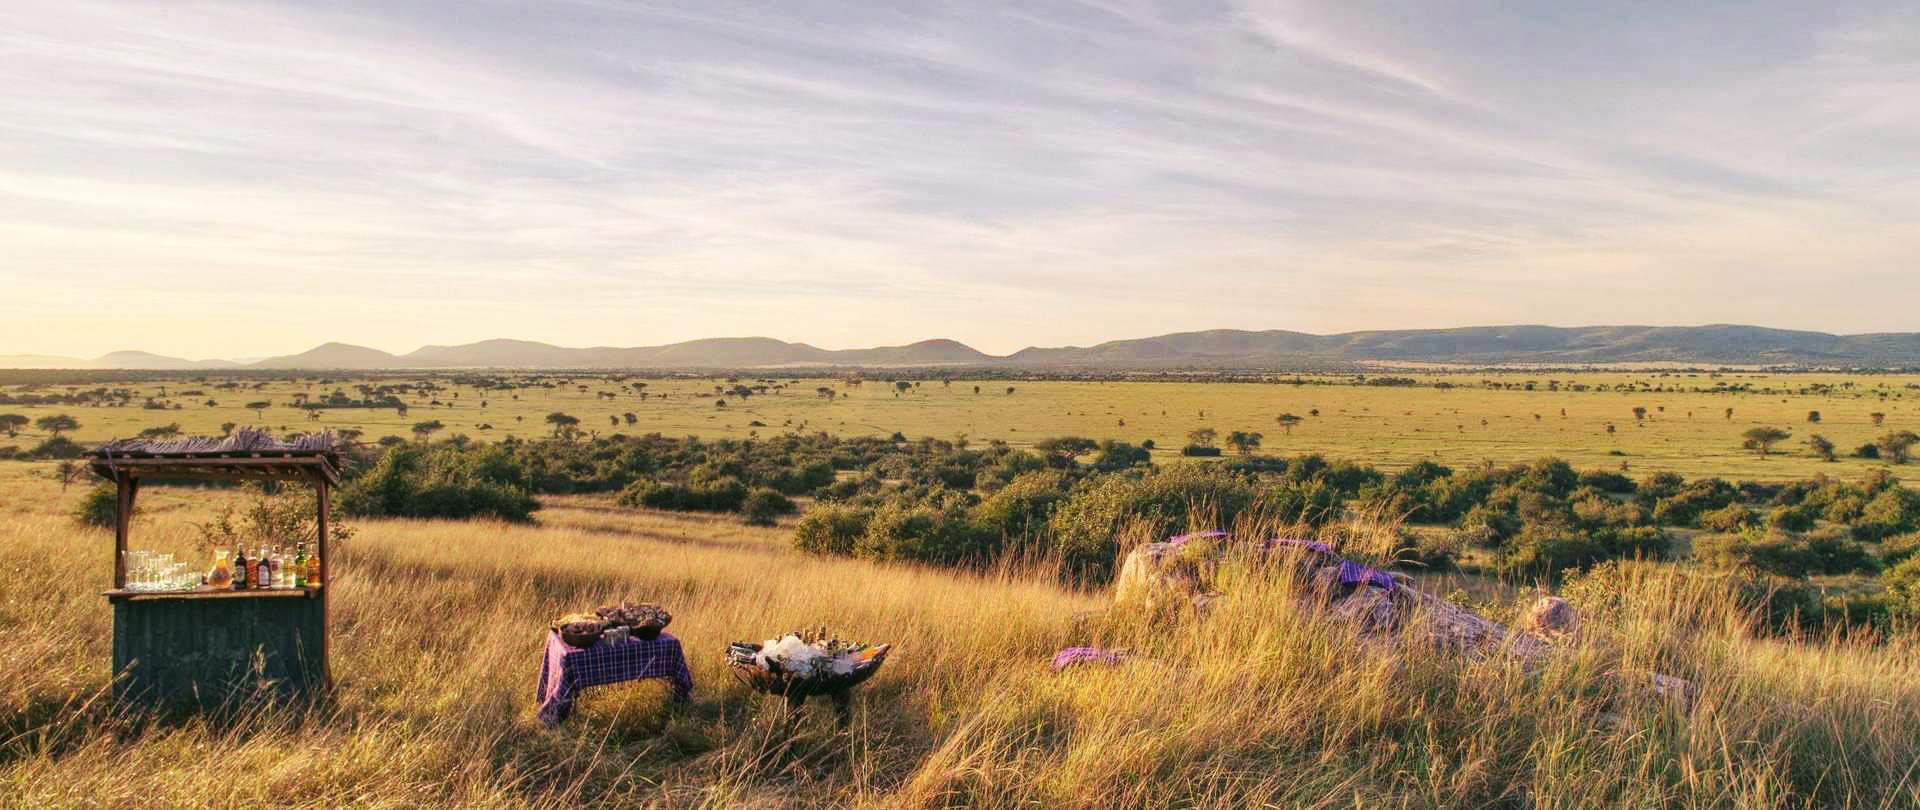 Tanzania hotéis e roteiros de viagem